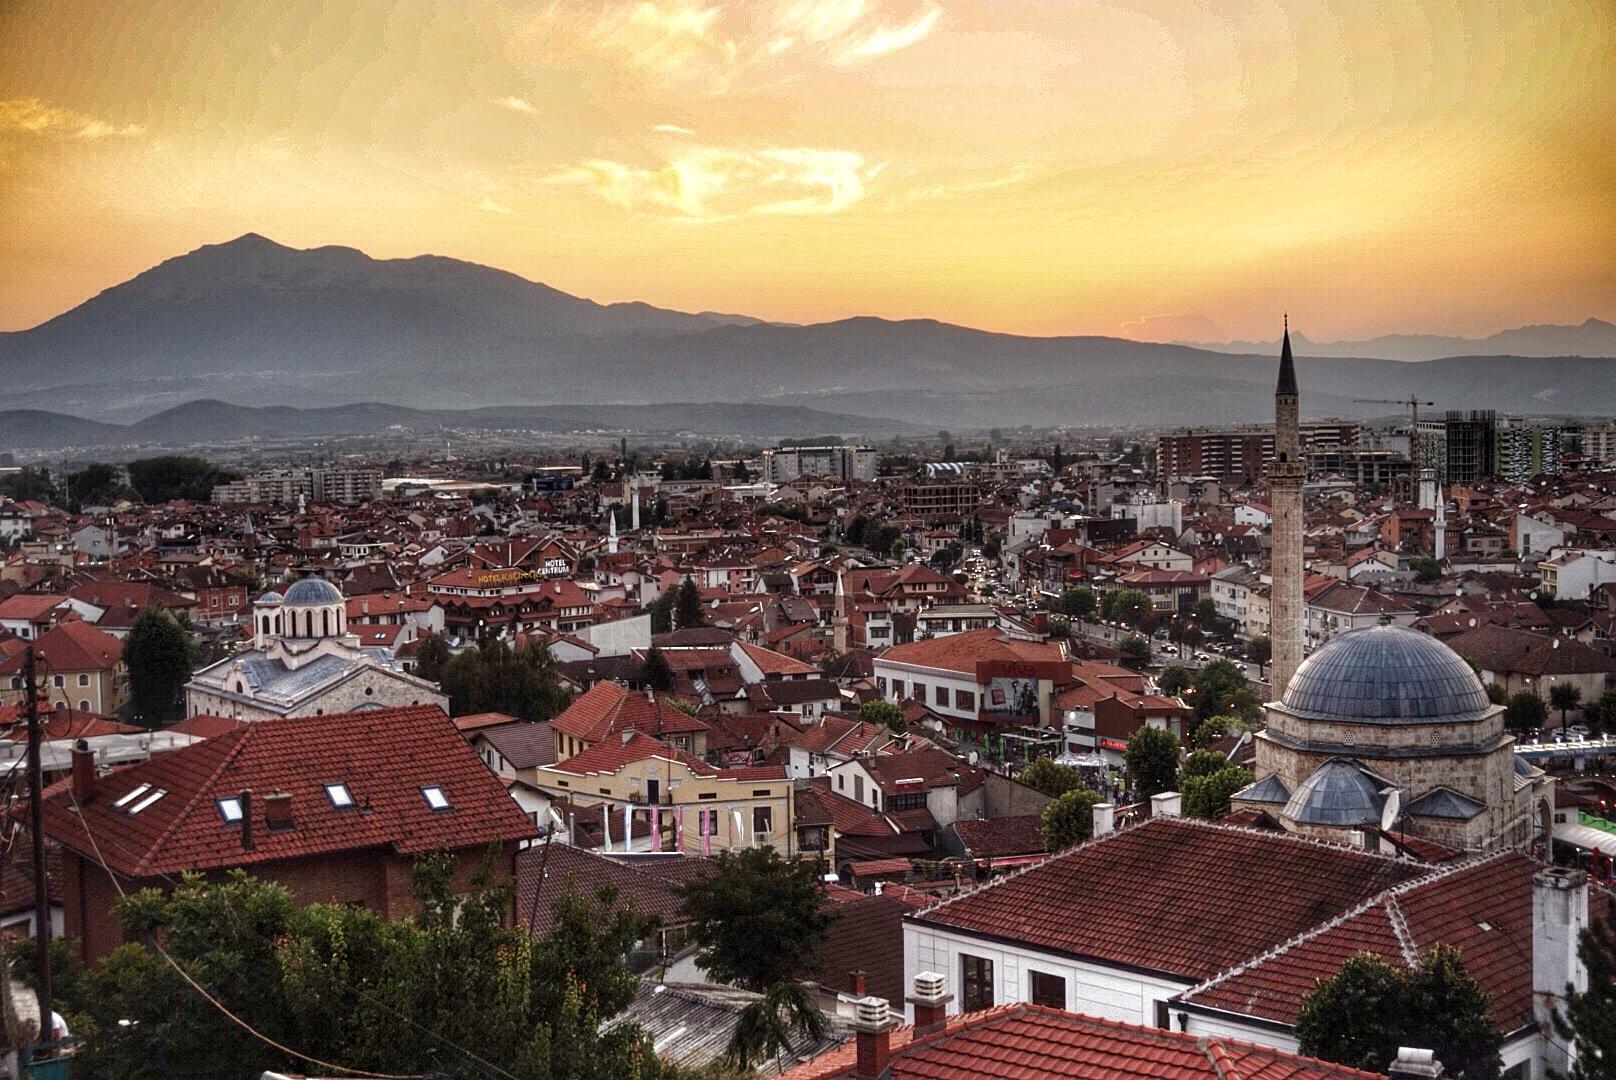 old-town-prizren-kosovo